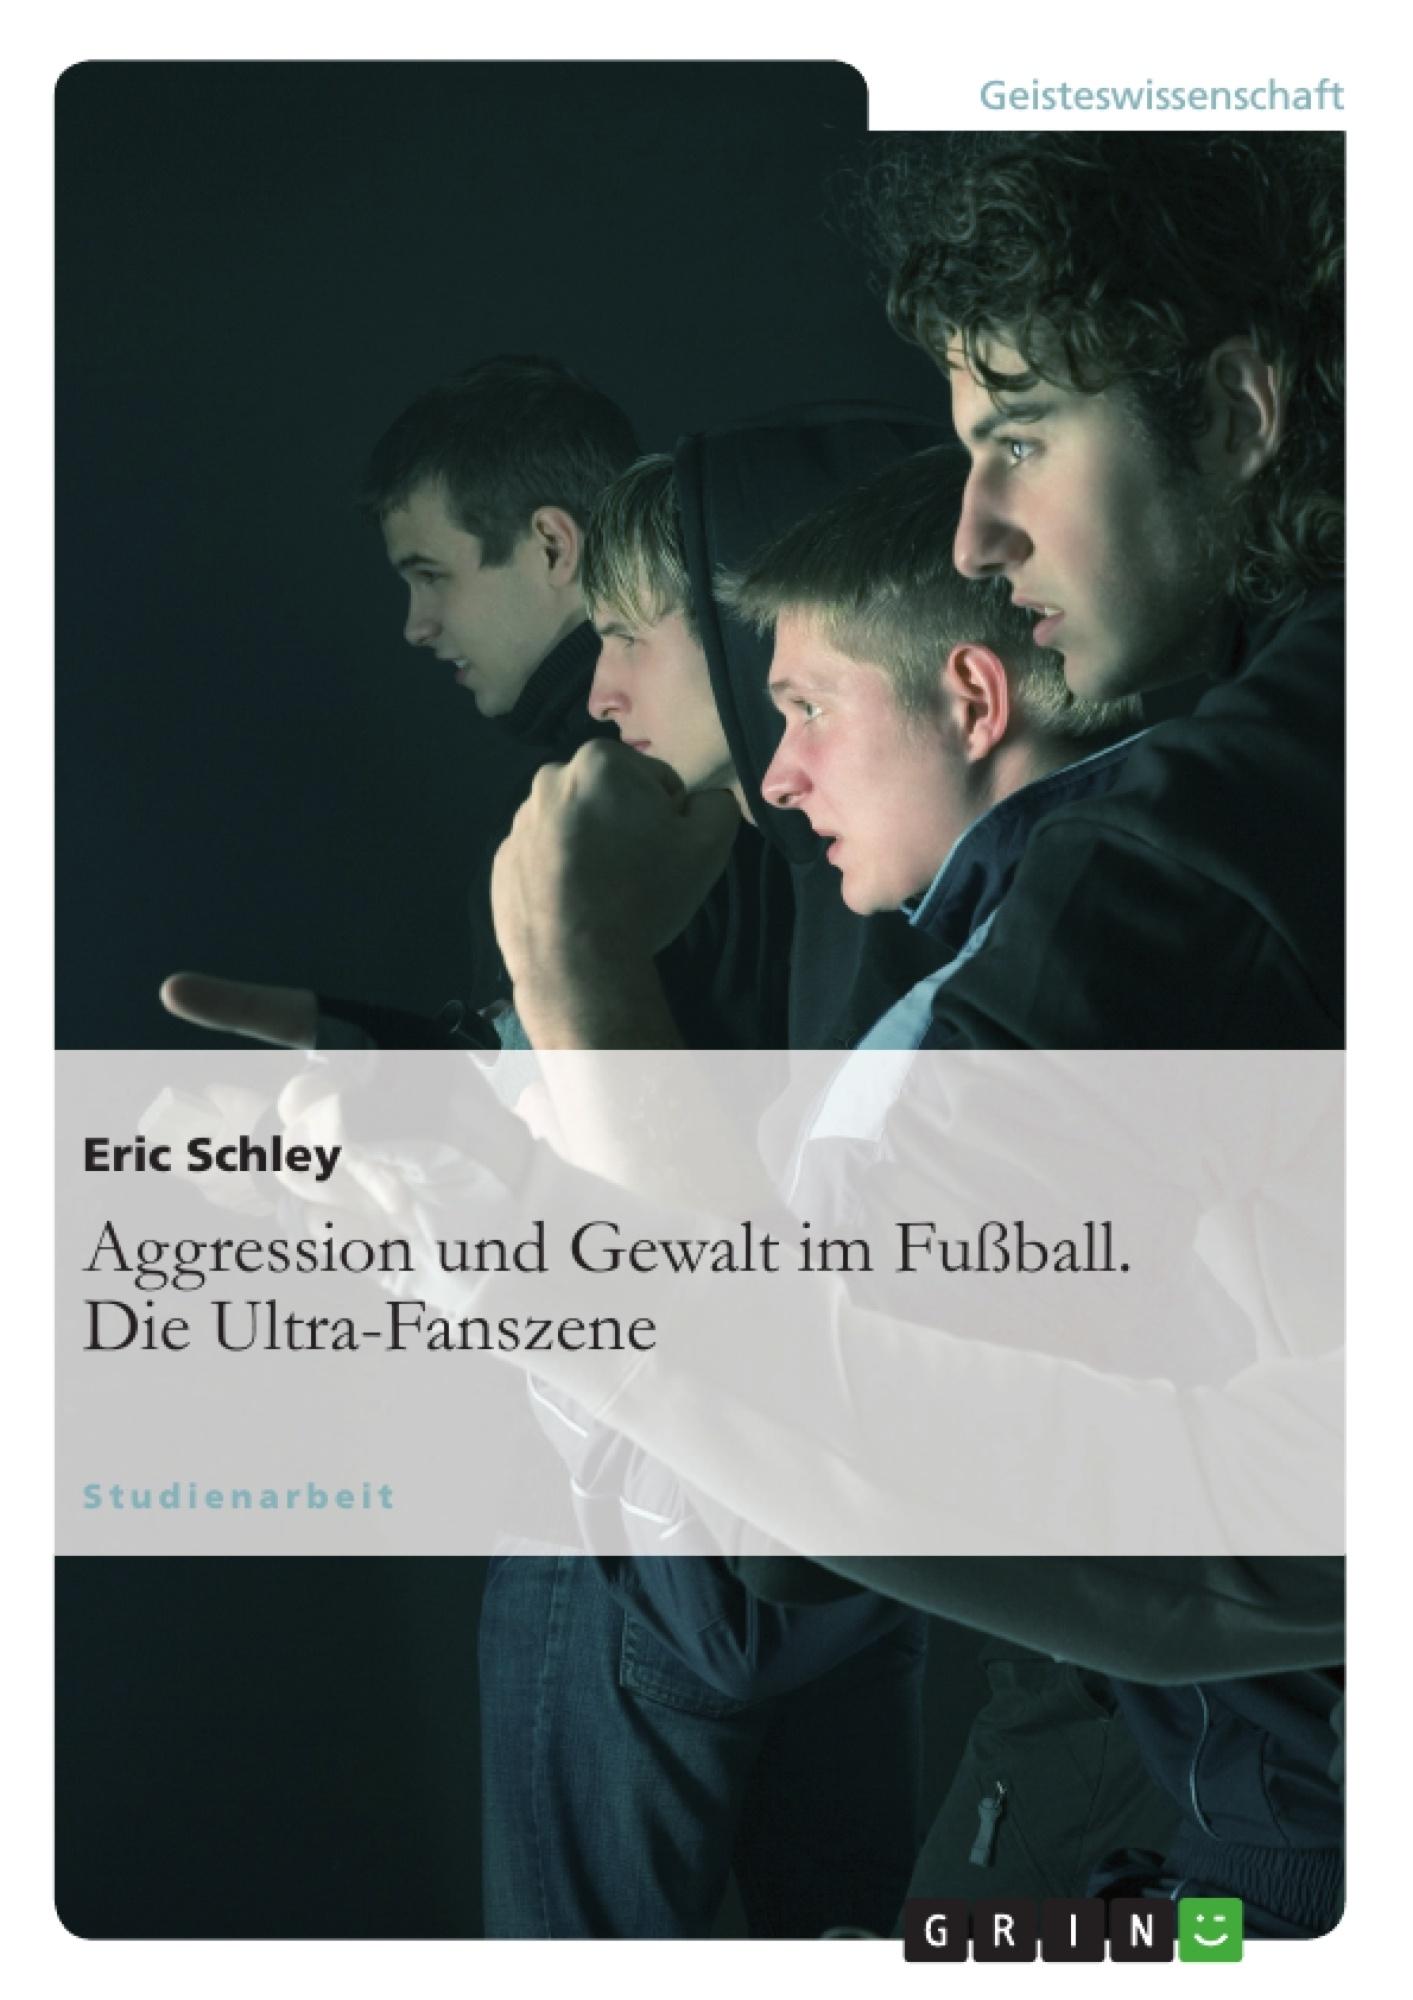 Titel: Aggression und Gewalt im Fußball. Die Ultra-Fanszene